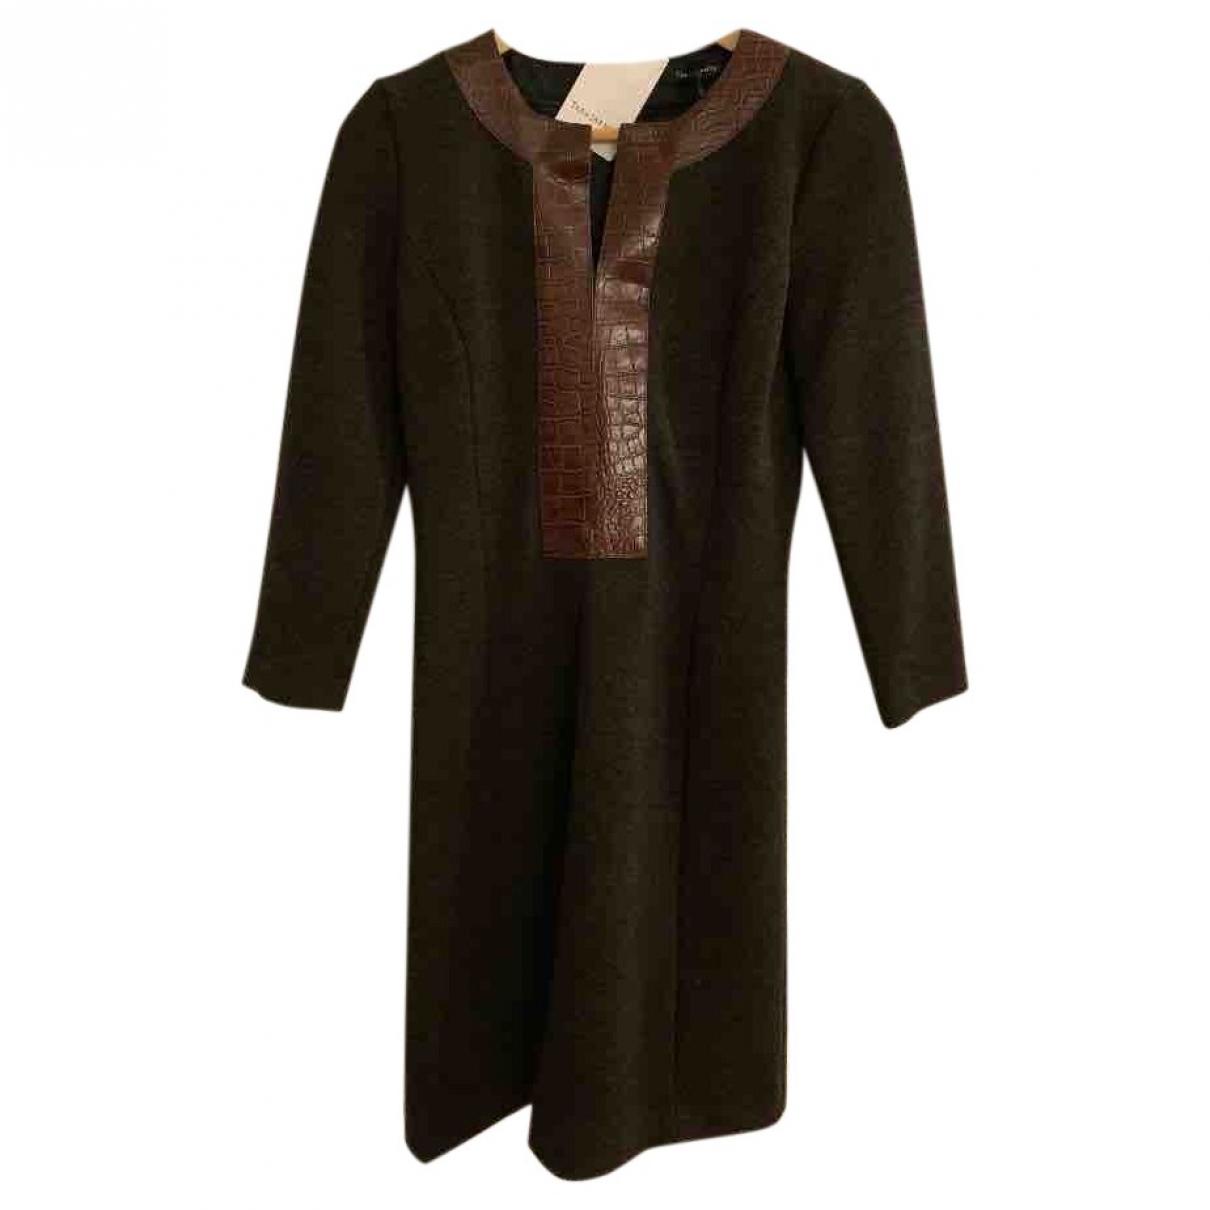 Tara Jarmon \N Kleid in  Braun Polyester